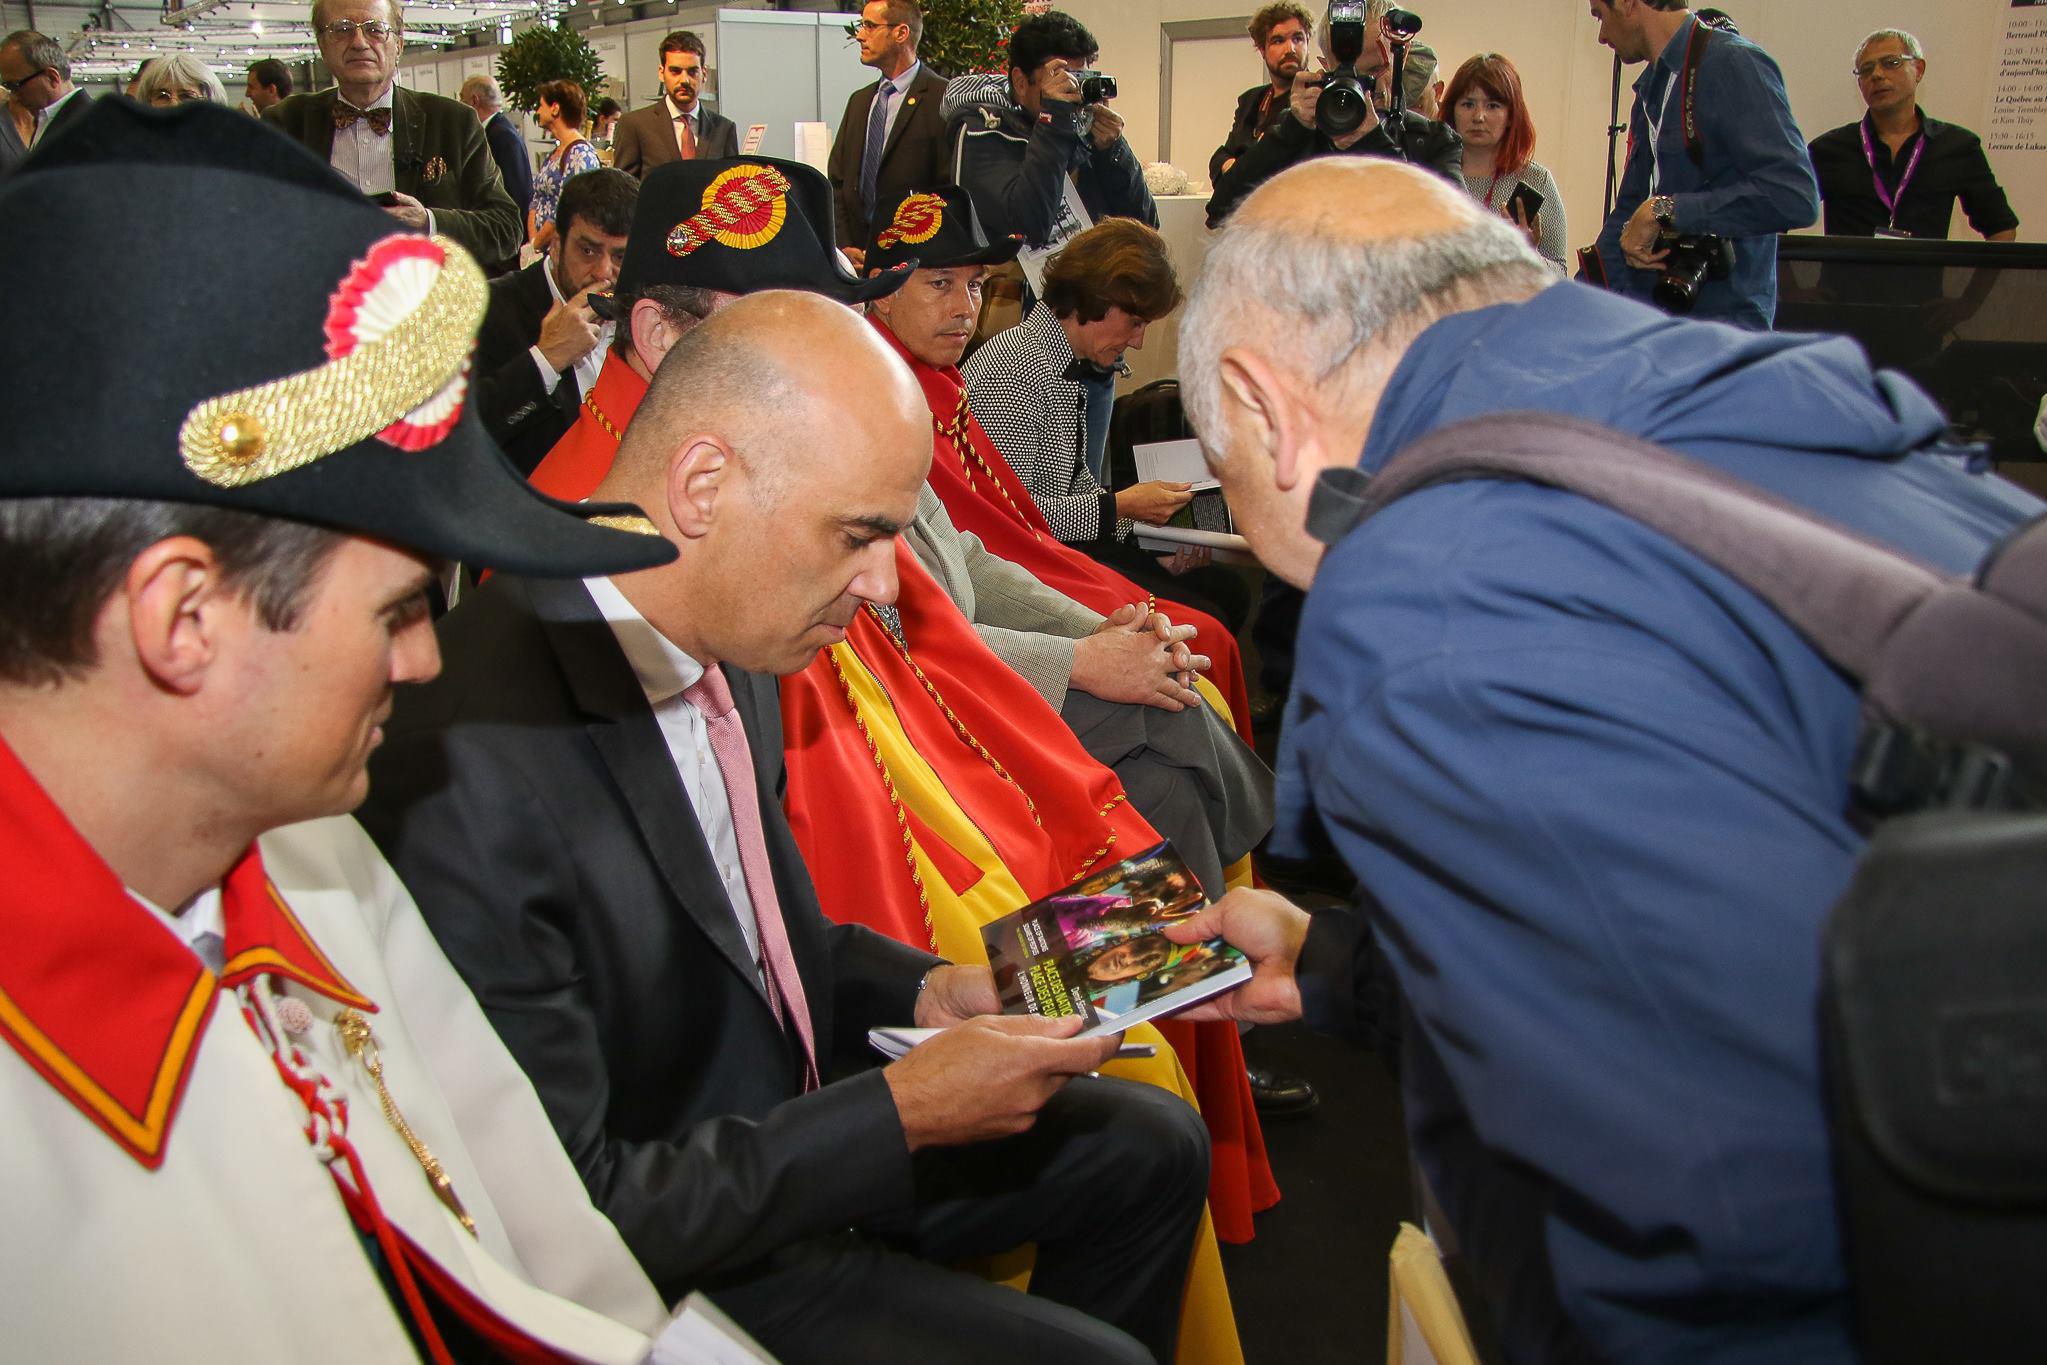 J'ai présenté mon livre à Monsieur le vice-Président du Conseil fédéral Alain Berset lors de l'inauguration du salon du livre